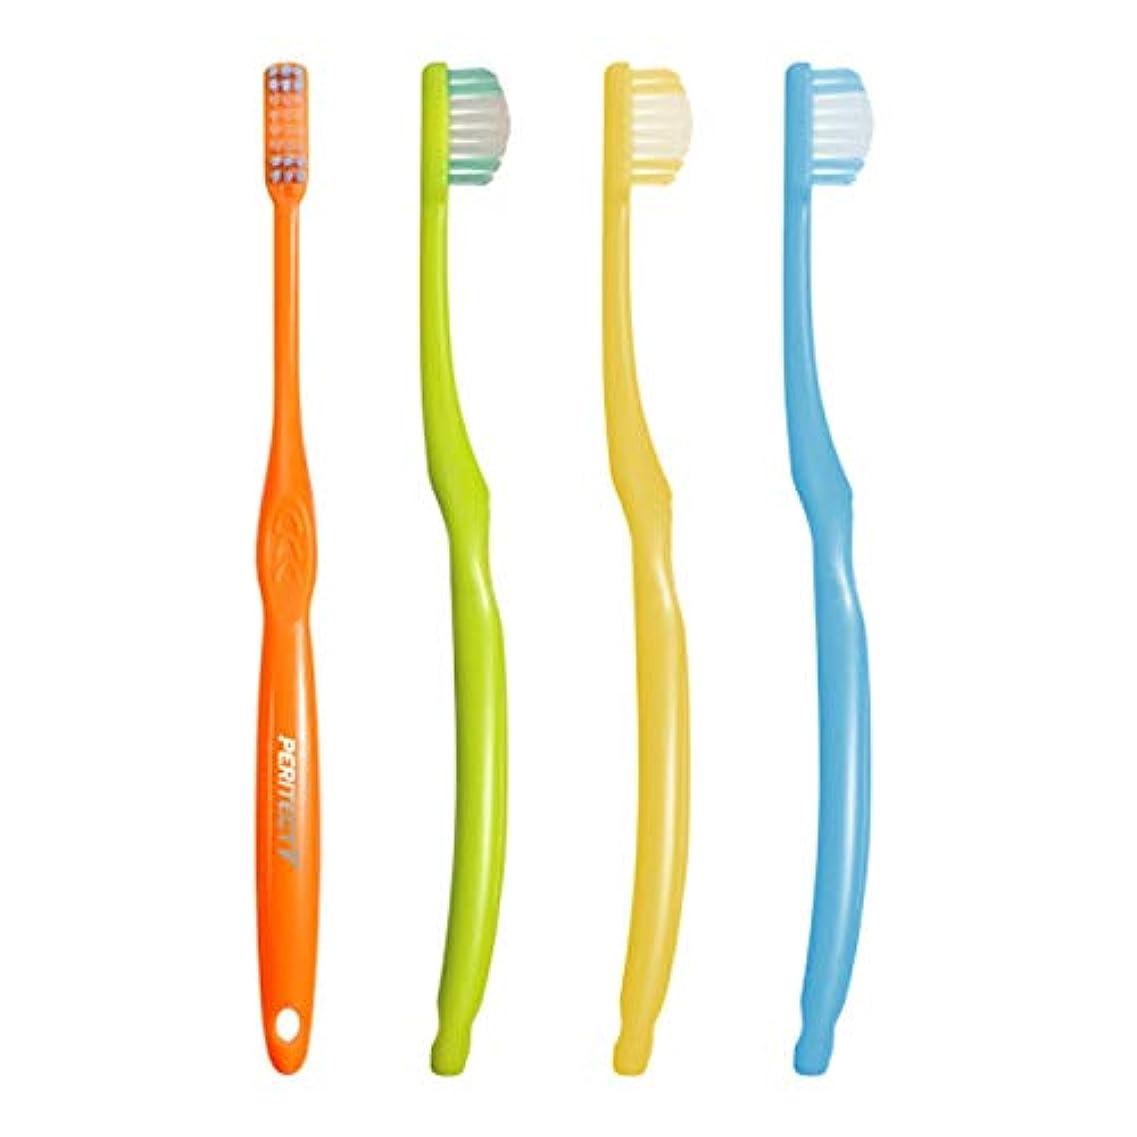 ビーブランド PERITECT V ペリテクト ブイ 6M(やわらかめ)×10本 ハブラシ 歯周病予防 歯科専売品